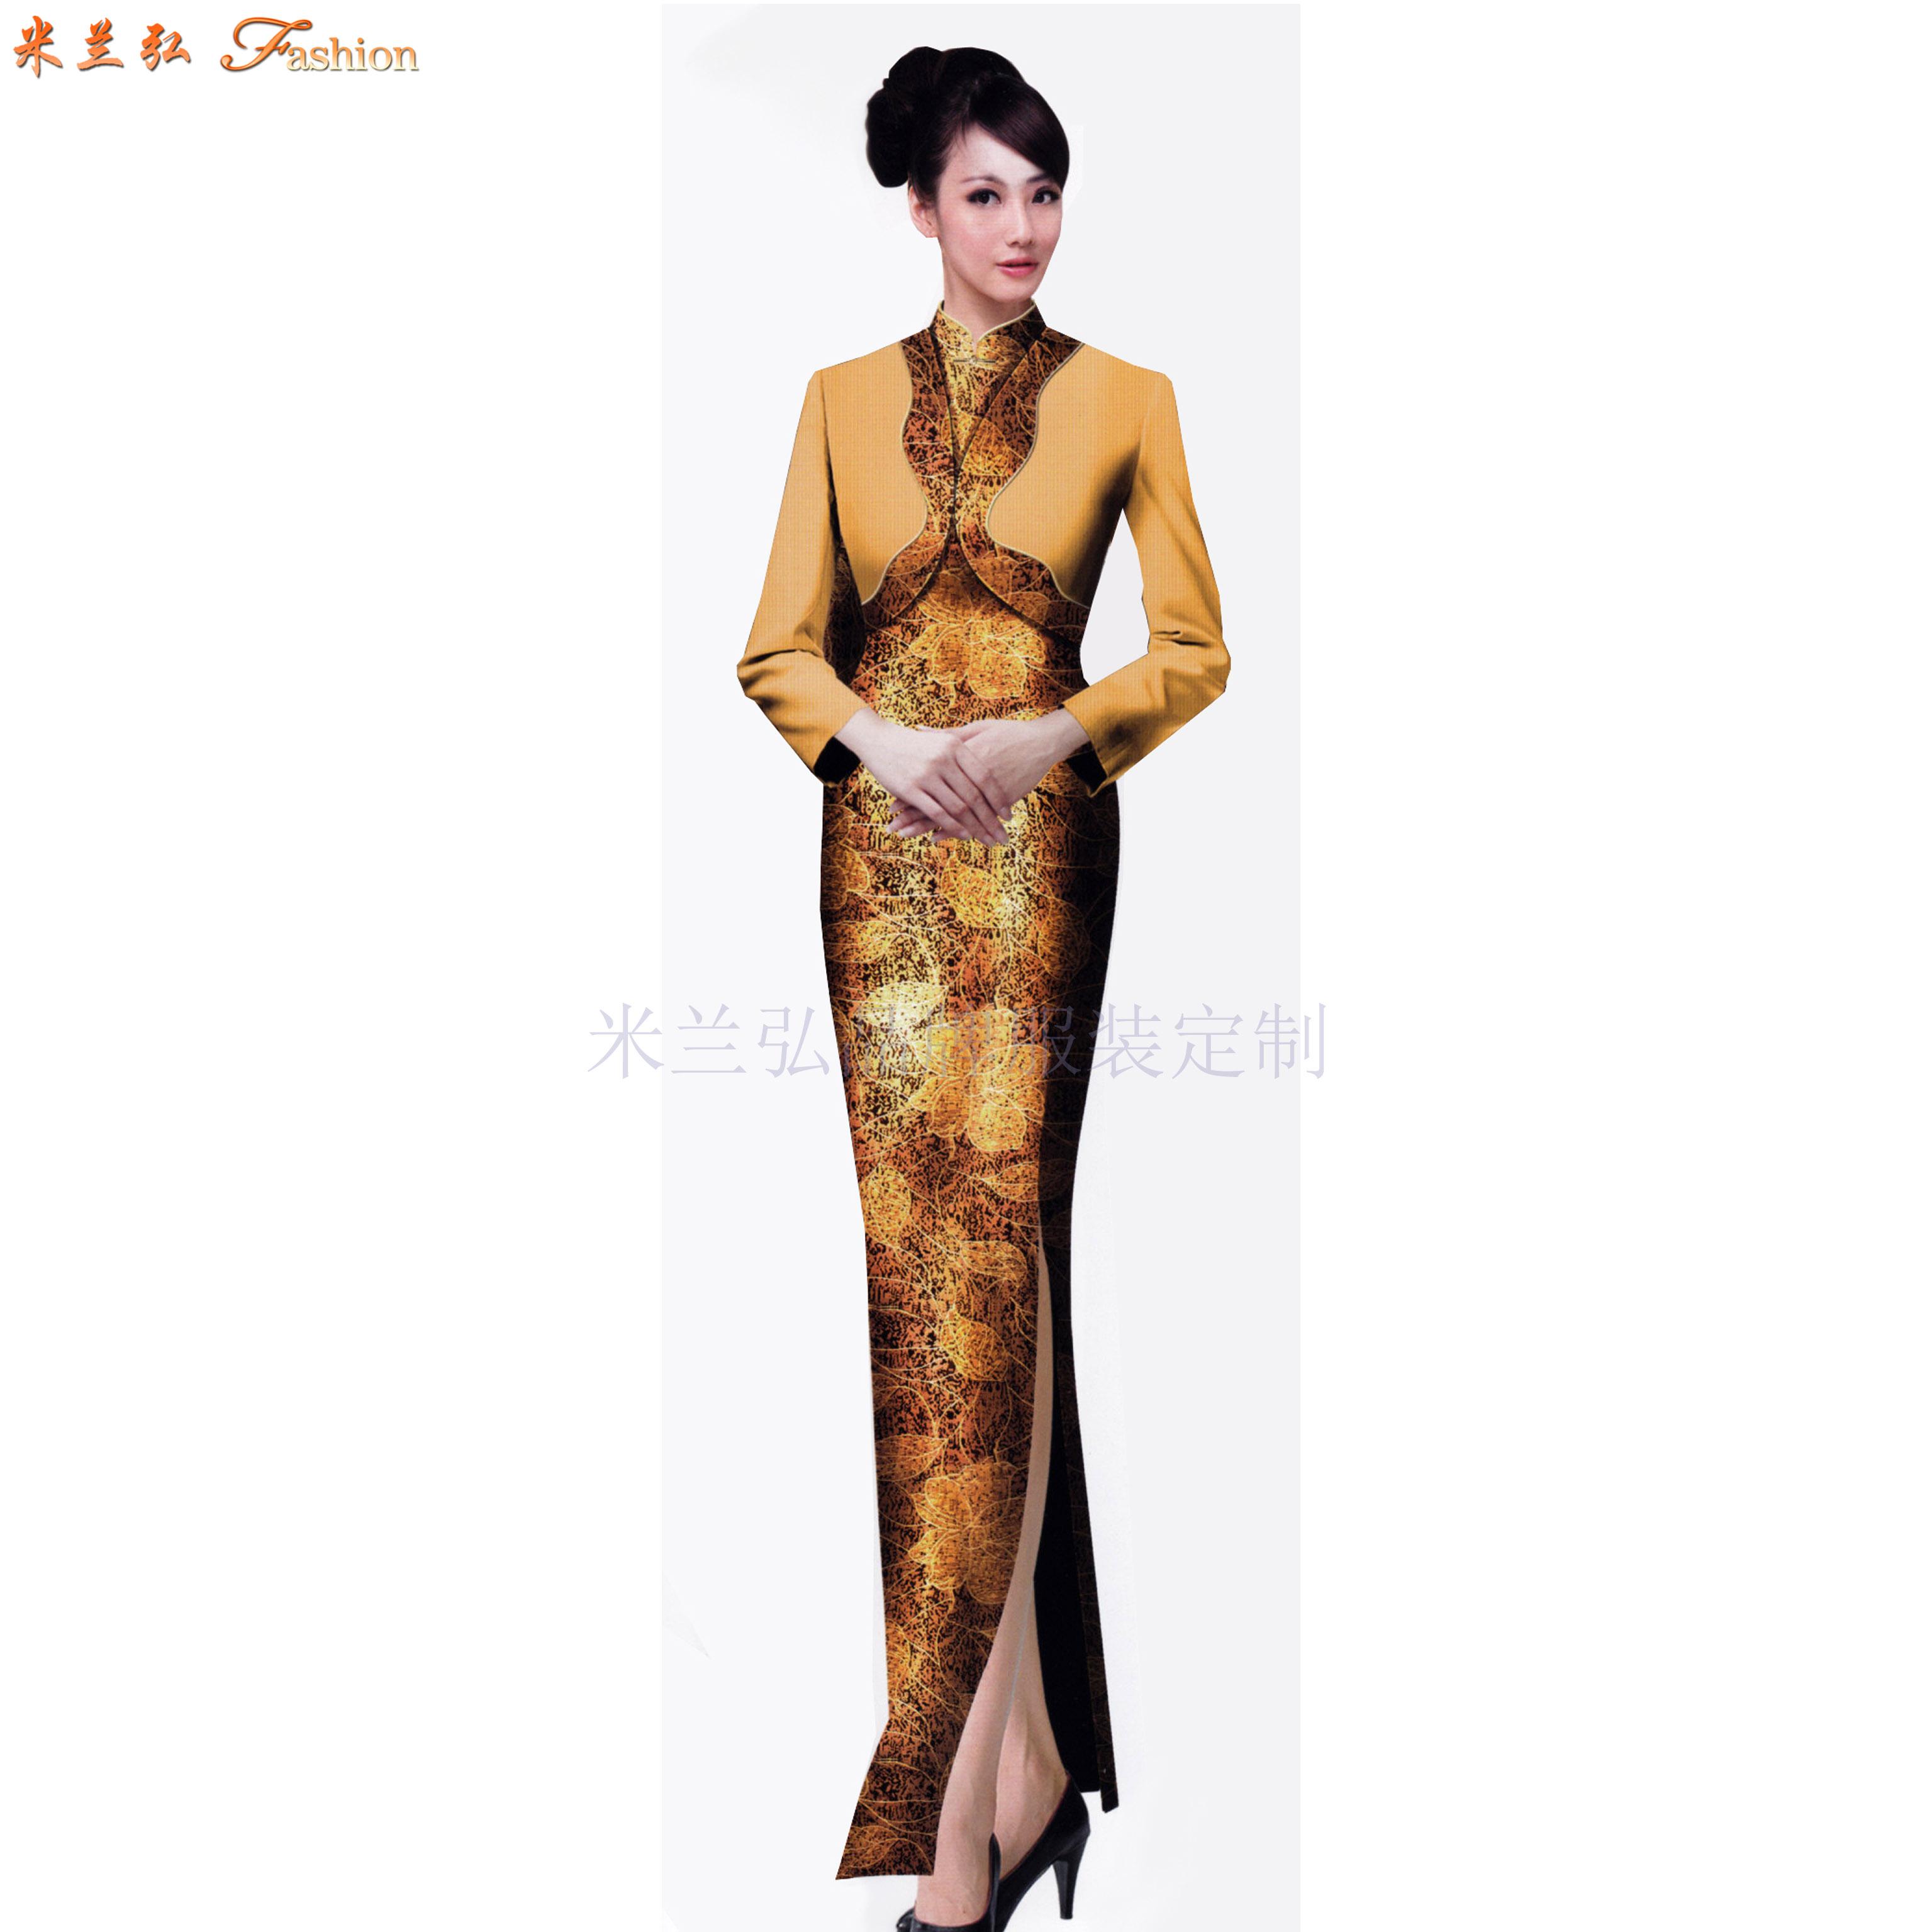 「中式旗袍定制」「古典旗袍訂制」-米蘭弘服裝-2